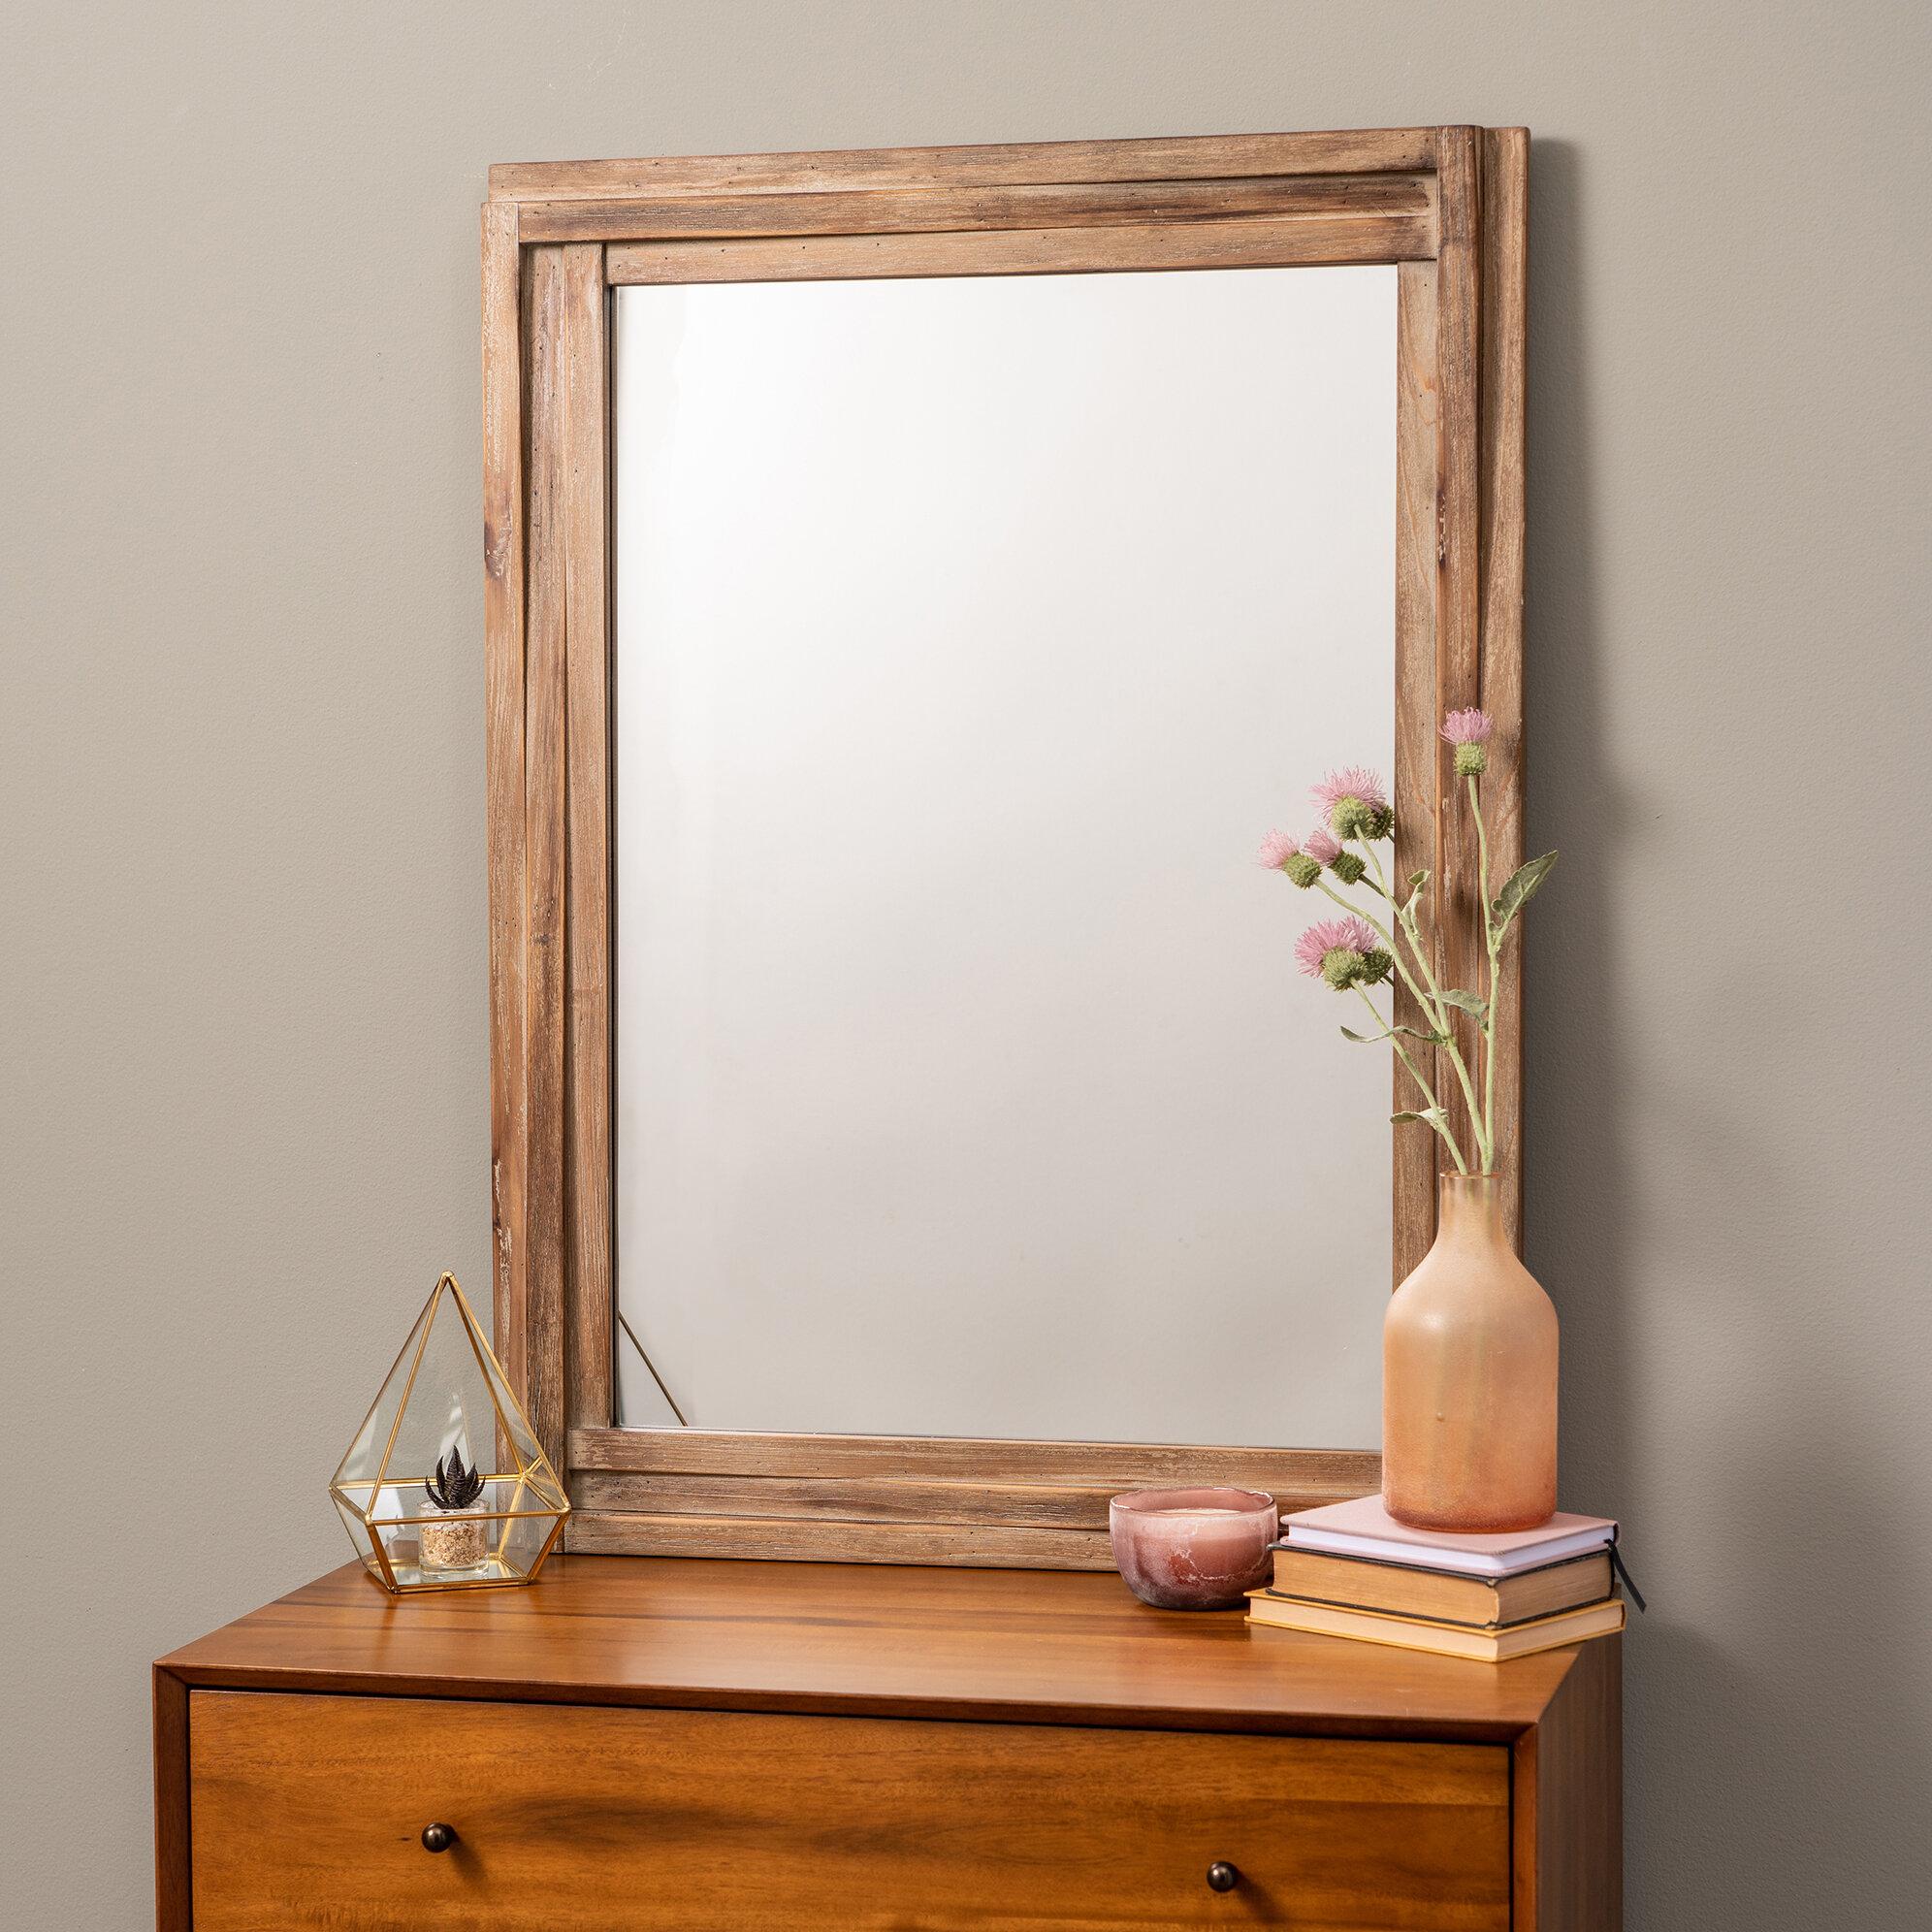 Jaylene Wall Mirror Pertaining To Janie Rectangular Wall Mirrors (Image 6 of 20)